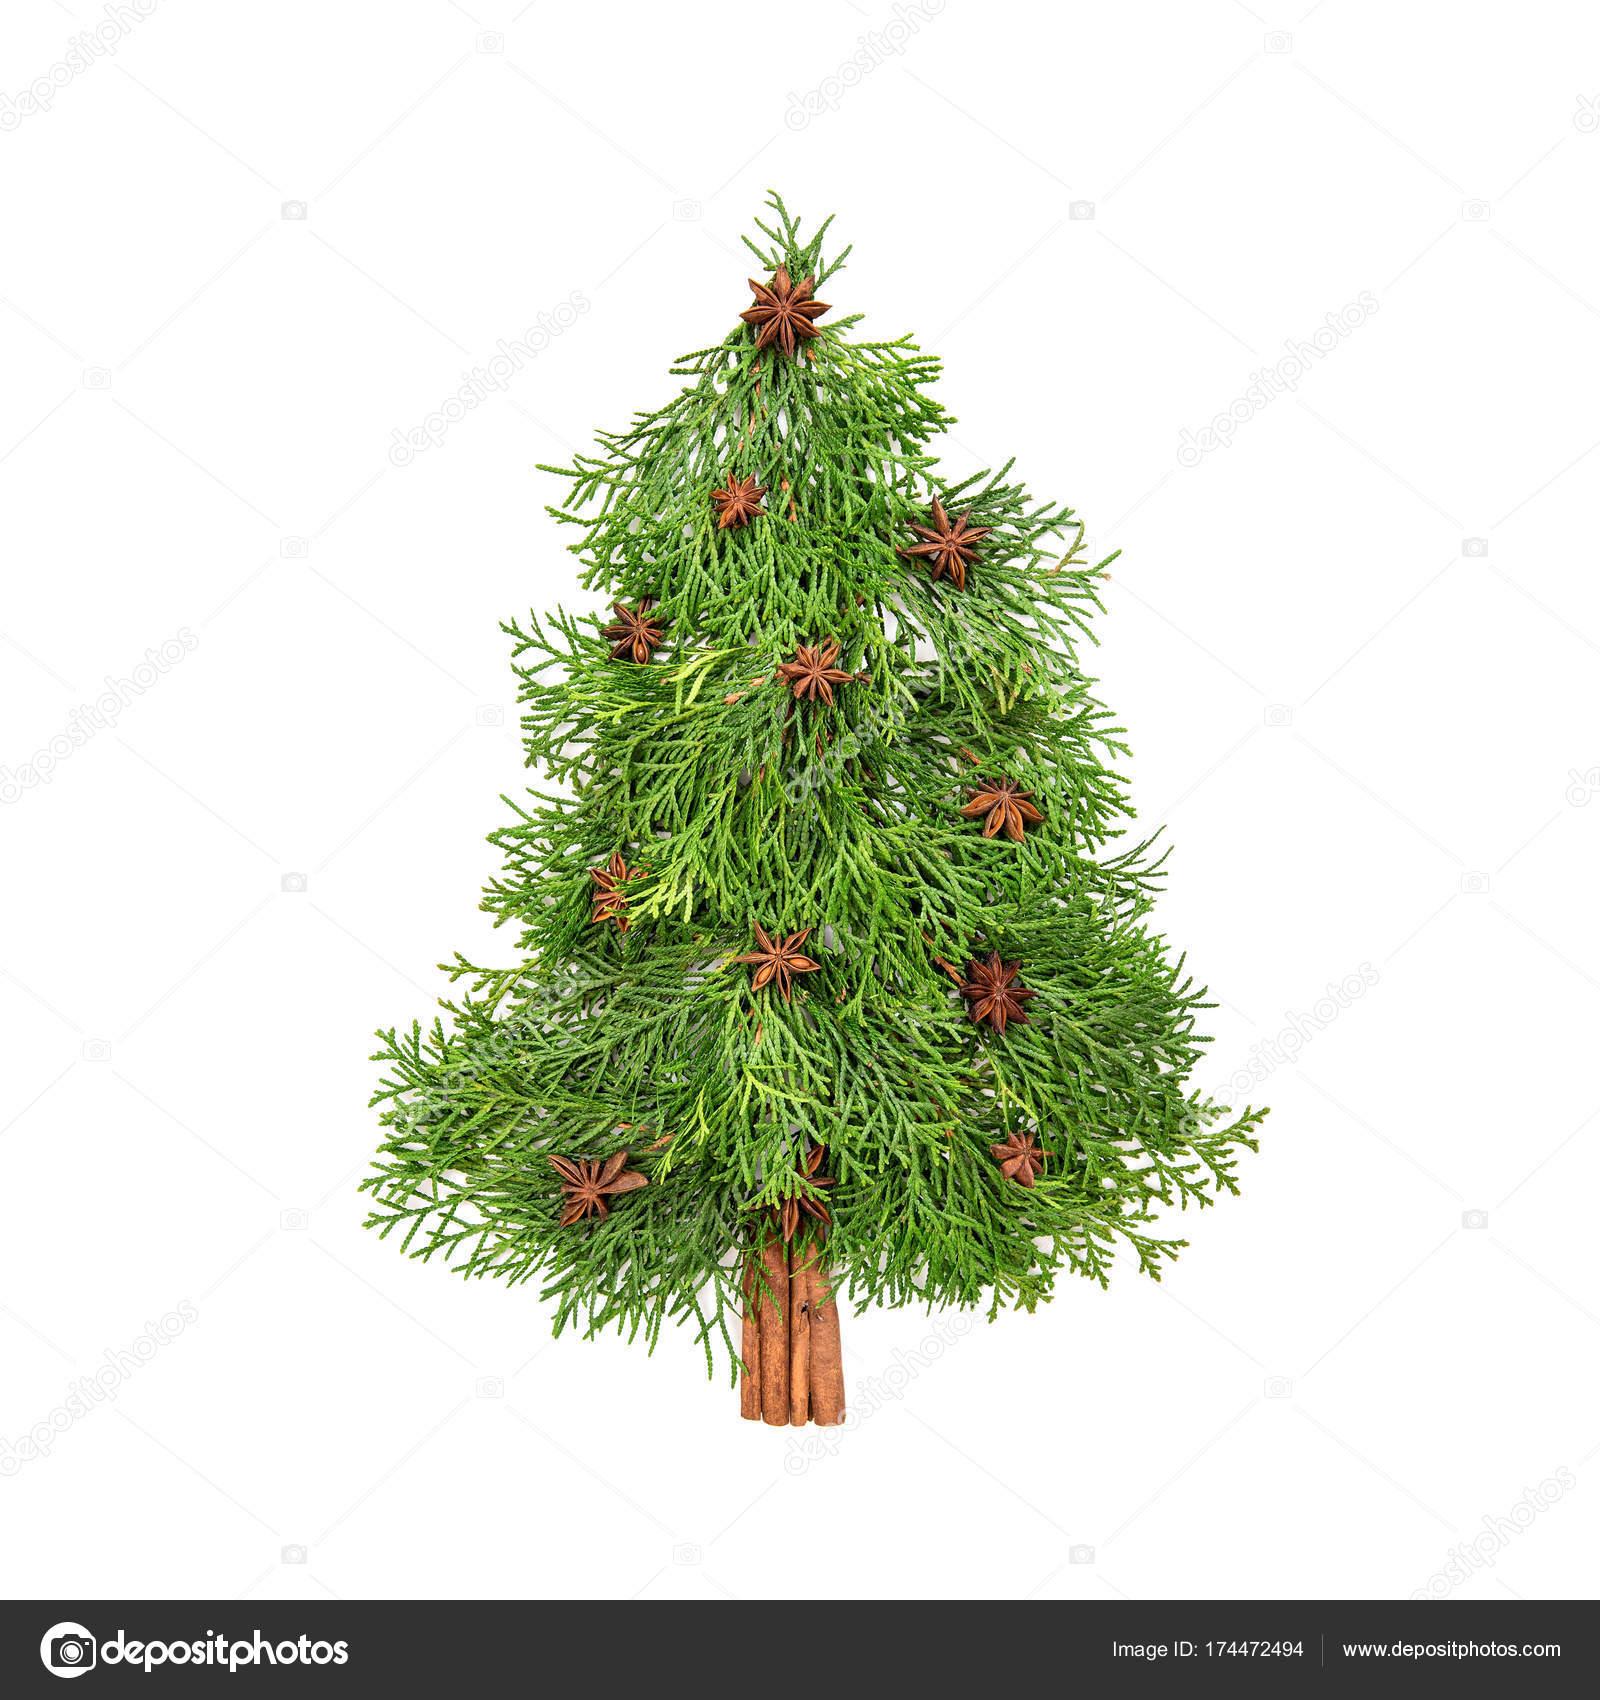 Weihnachtsbaum Kaufen Essen.Stilvolle Weihnachtsbaum Weißen Hintergrund Chreative Essen Flach Zu